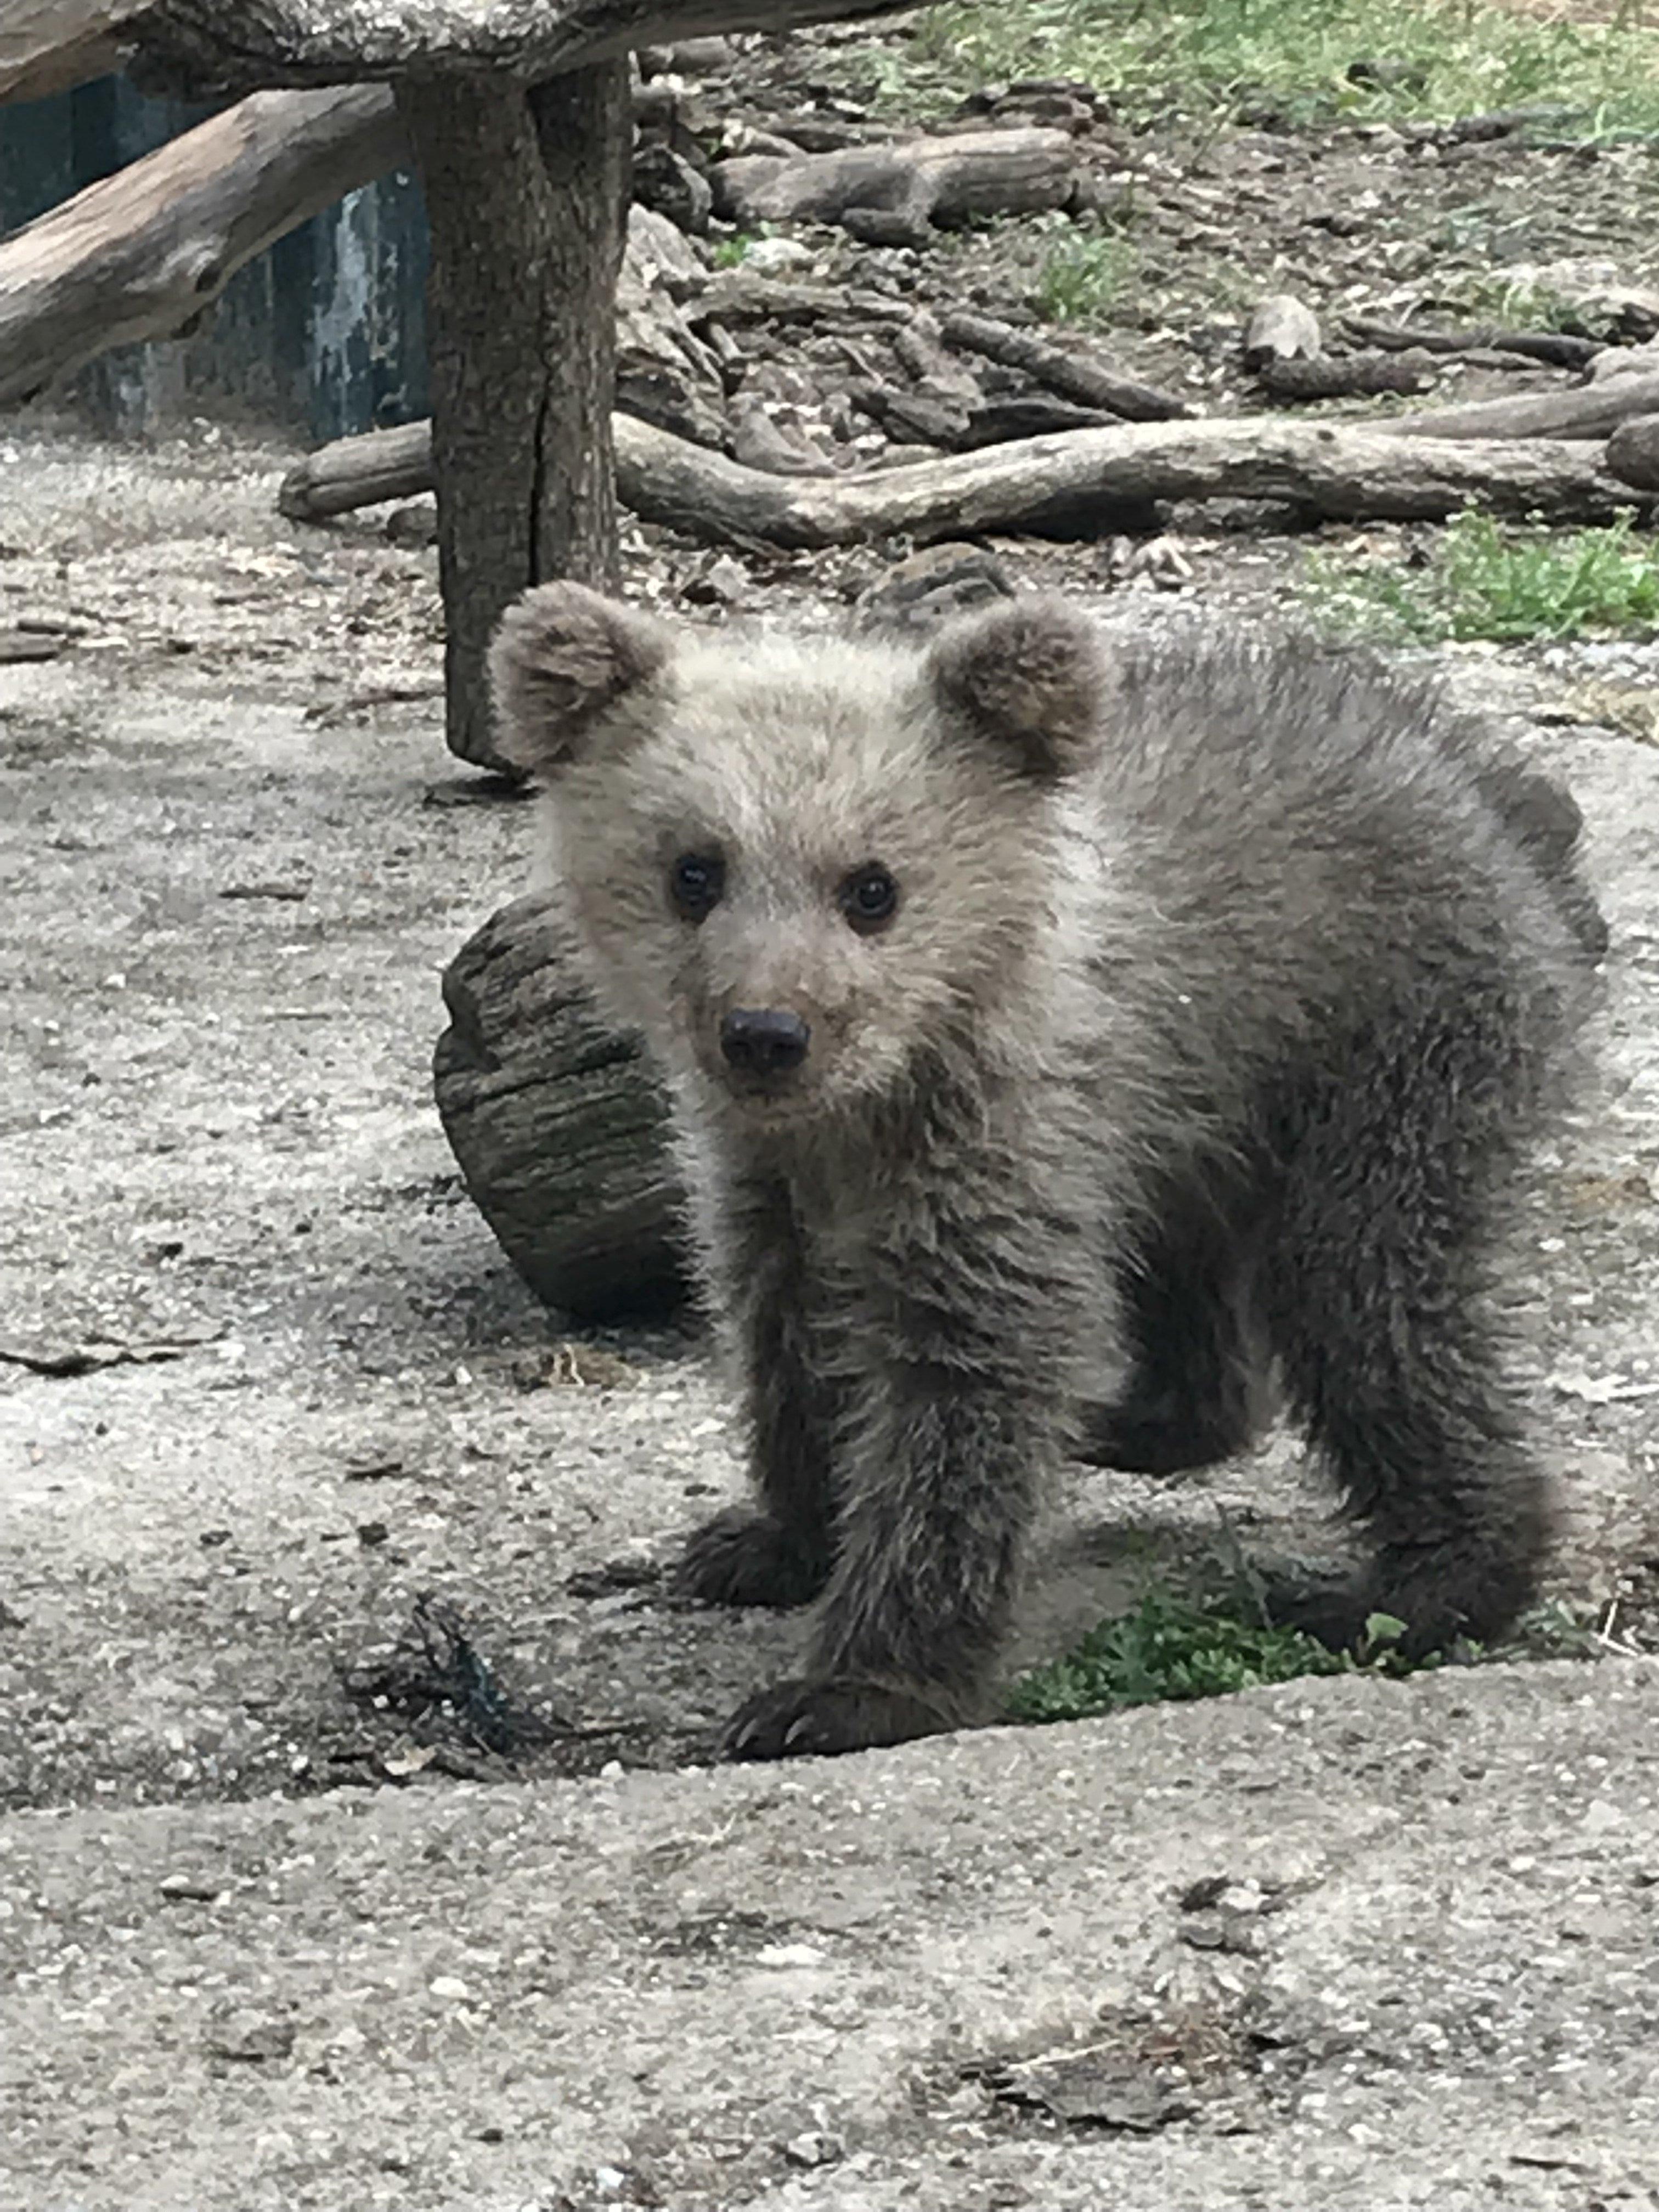 Και δεύτερο ορφανό αρκουδάκι θα φροντίσει ο Αρκτούρος μέχρι την επανένταξή του στη